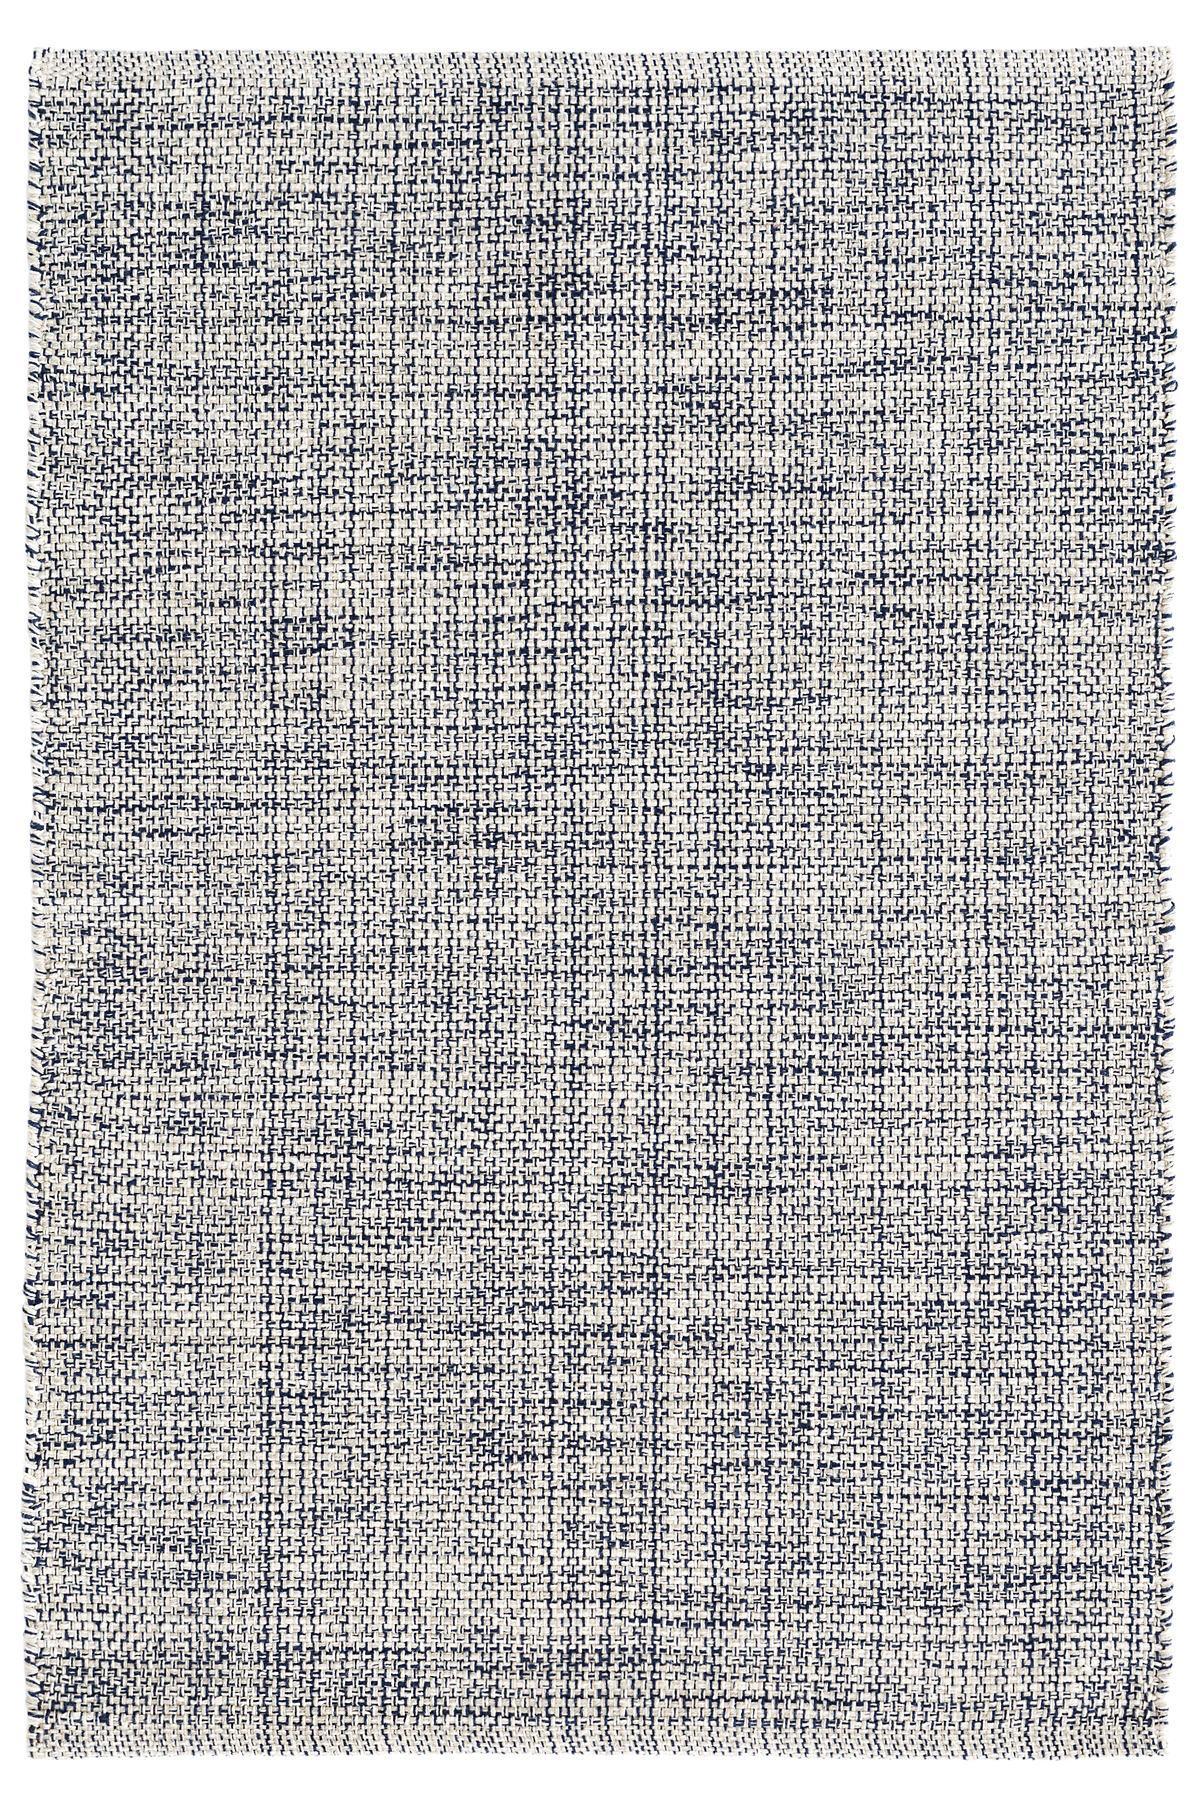 Marled Indigo Woven Cotton Rug Dash